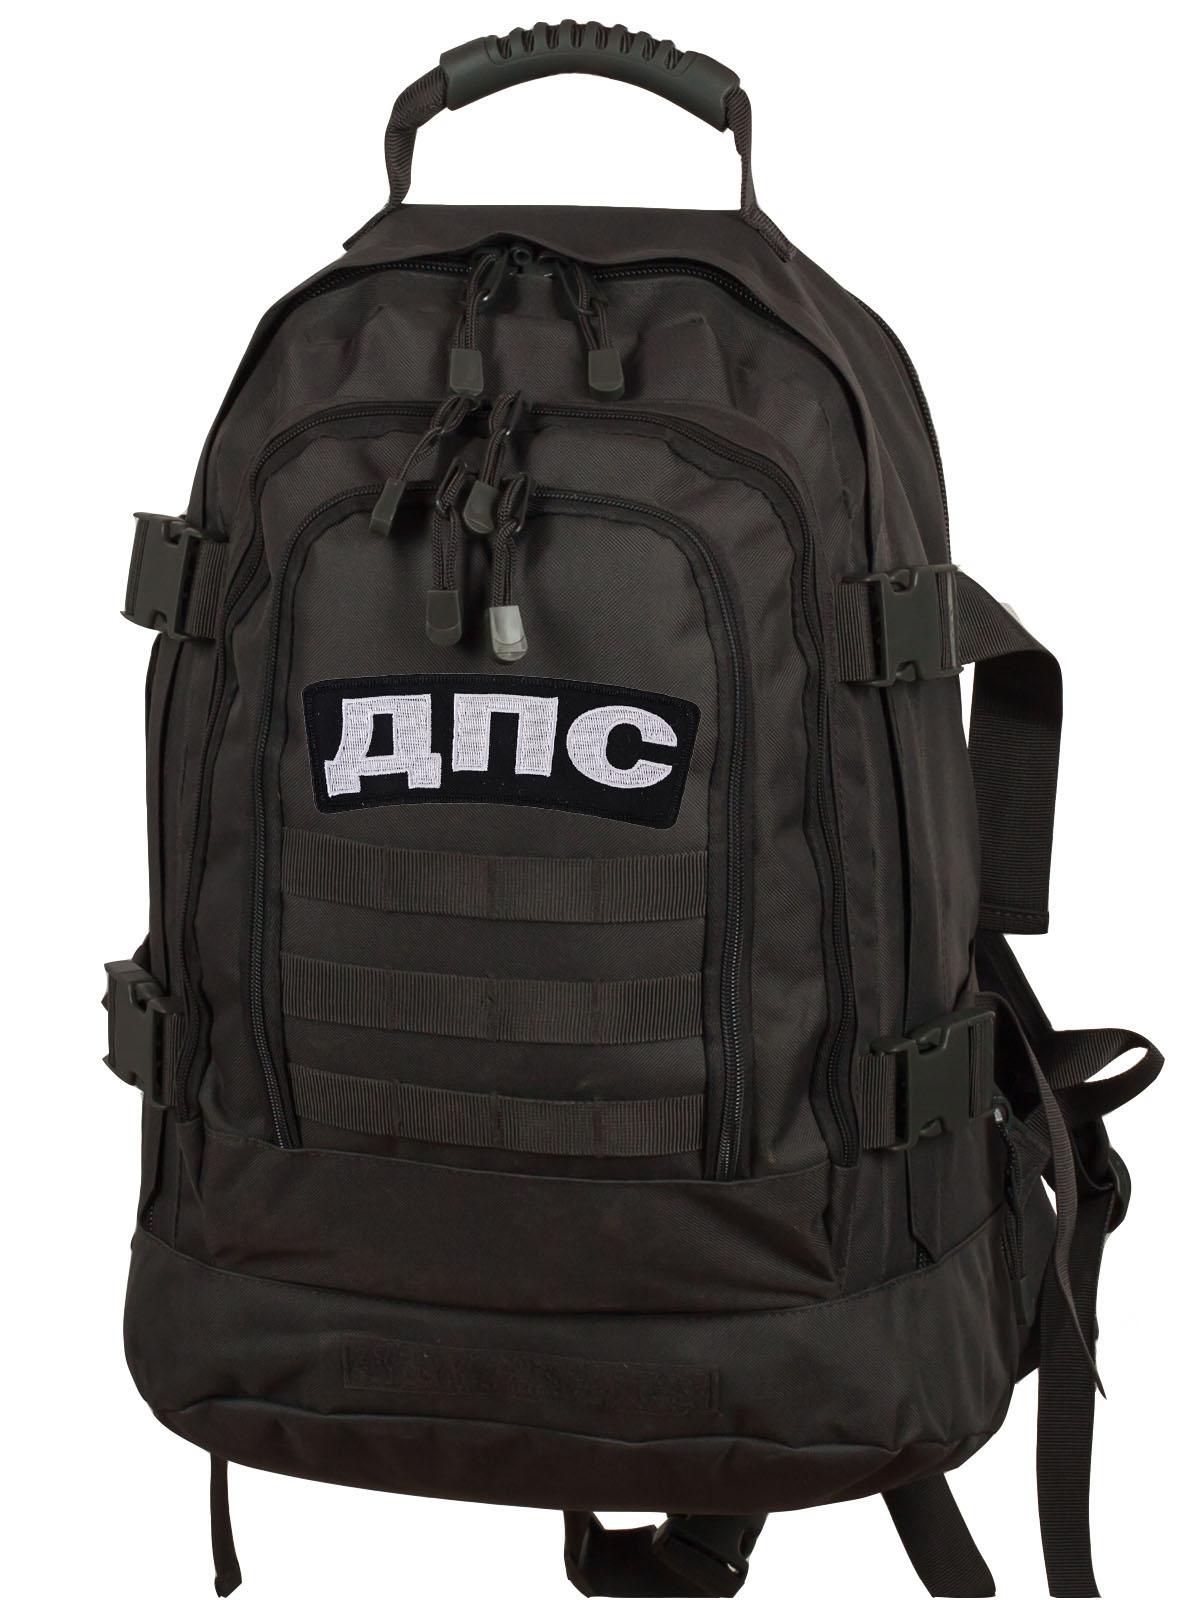 Мужской универсальный рюкзак ДПС - купить в подарок